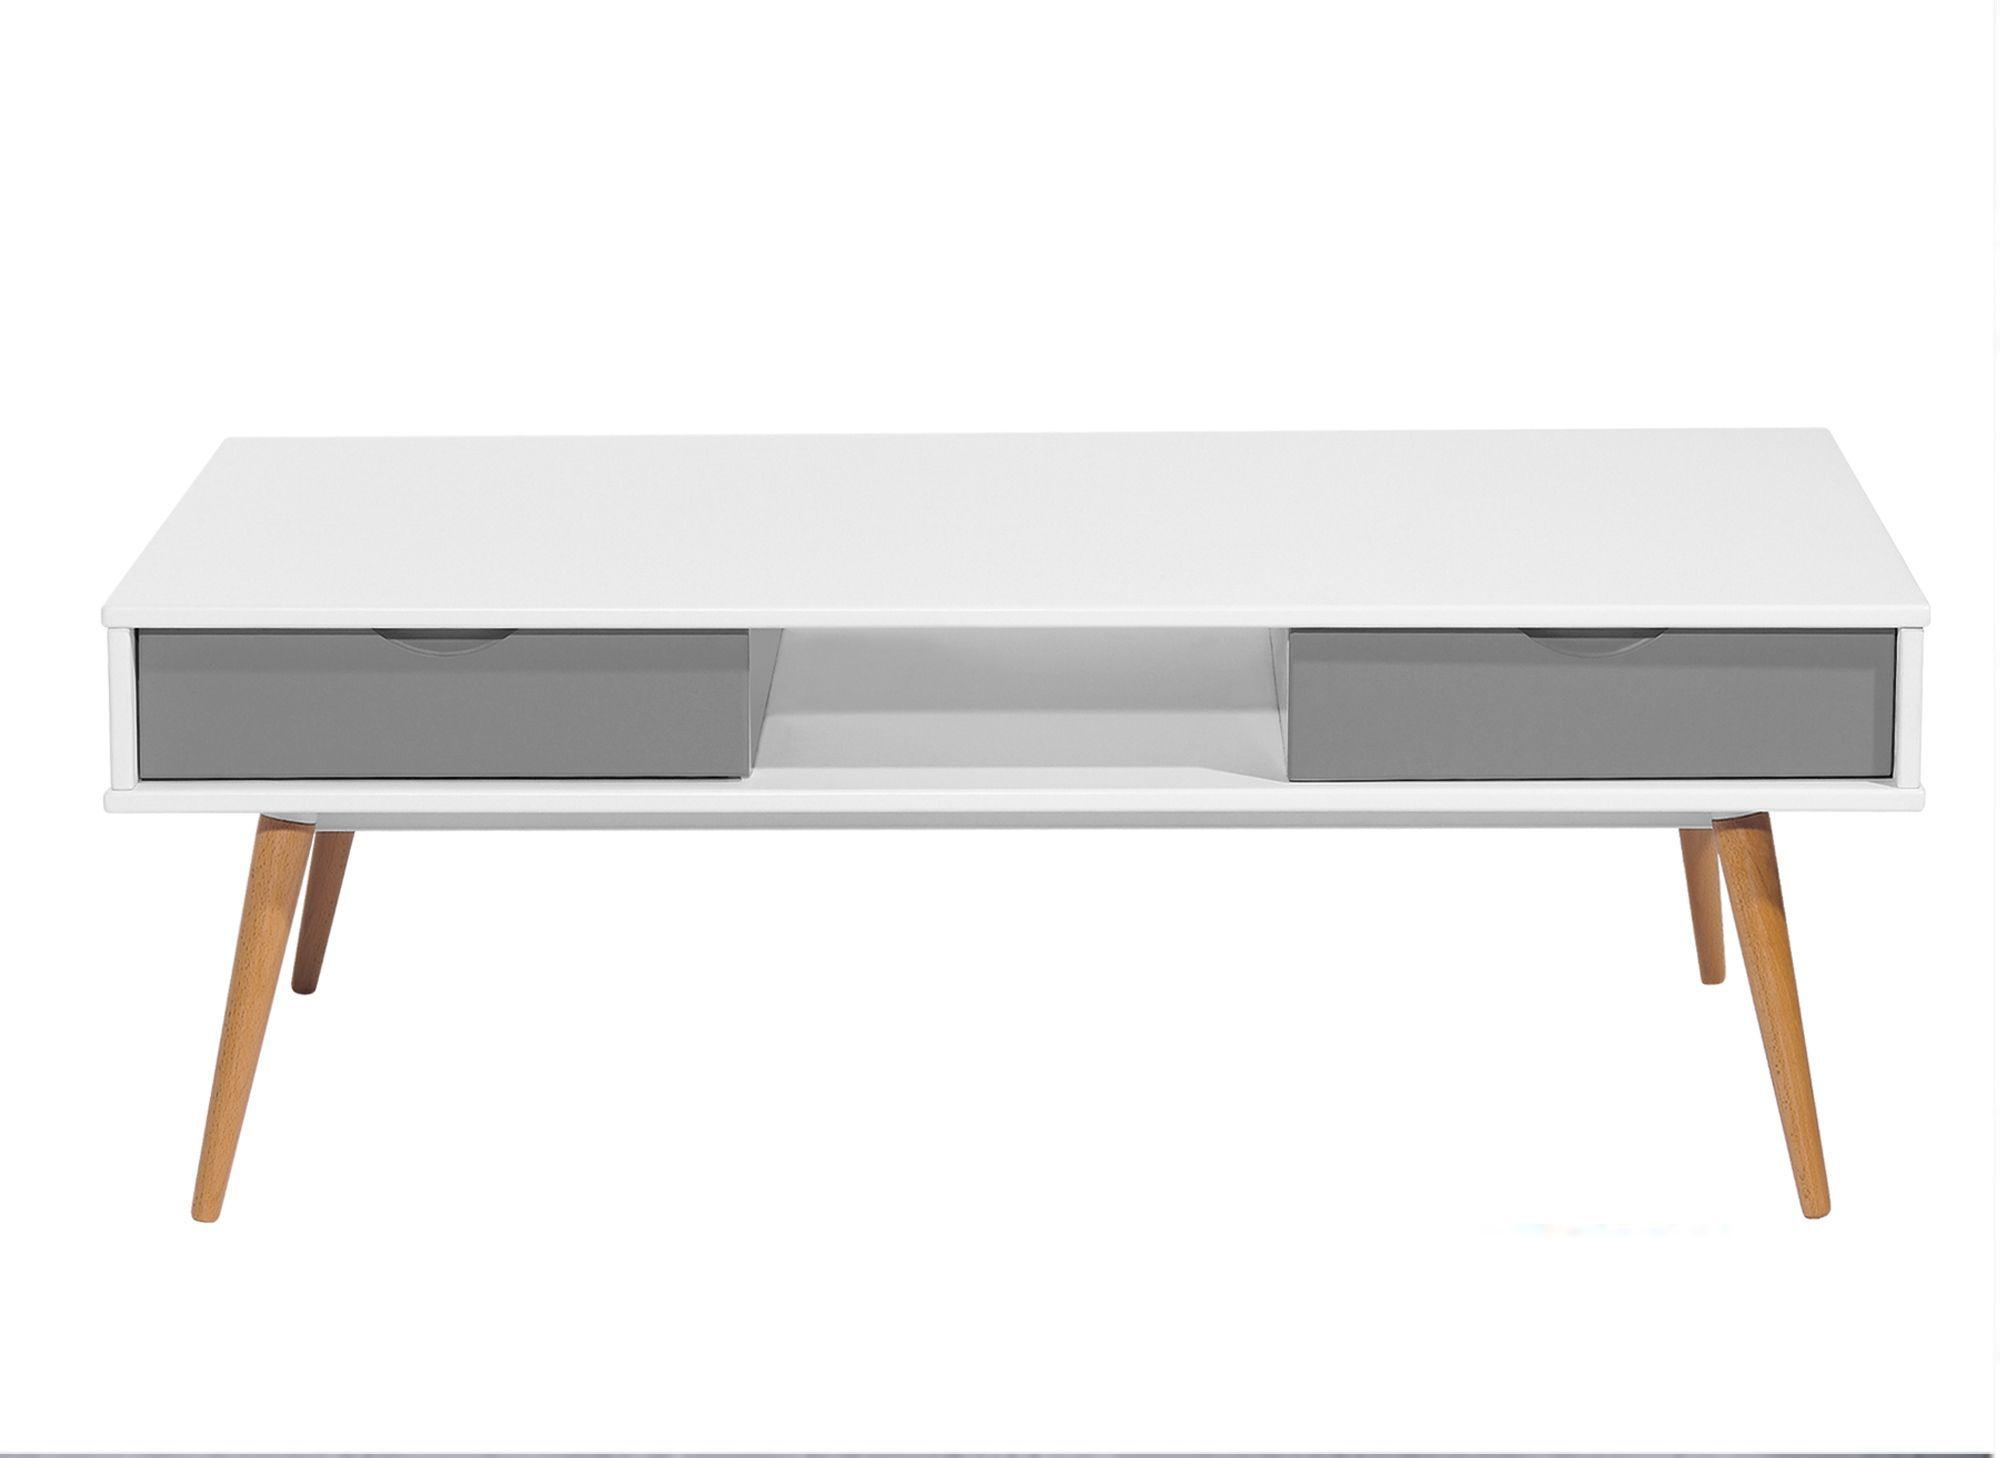 1347e73e242eff018a2cdfcf4db3ef05 Luxe De La Redoute Table Basse Scandinave Concept